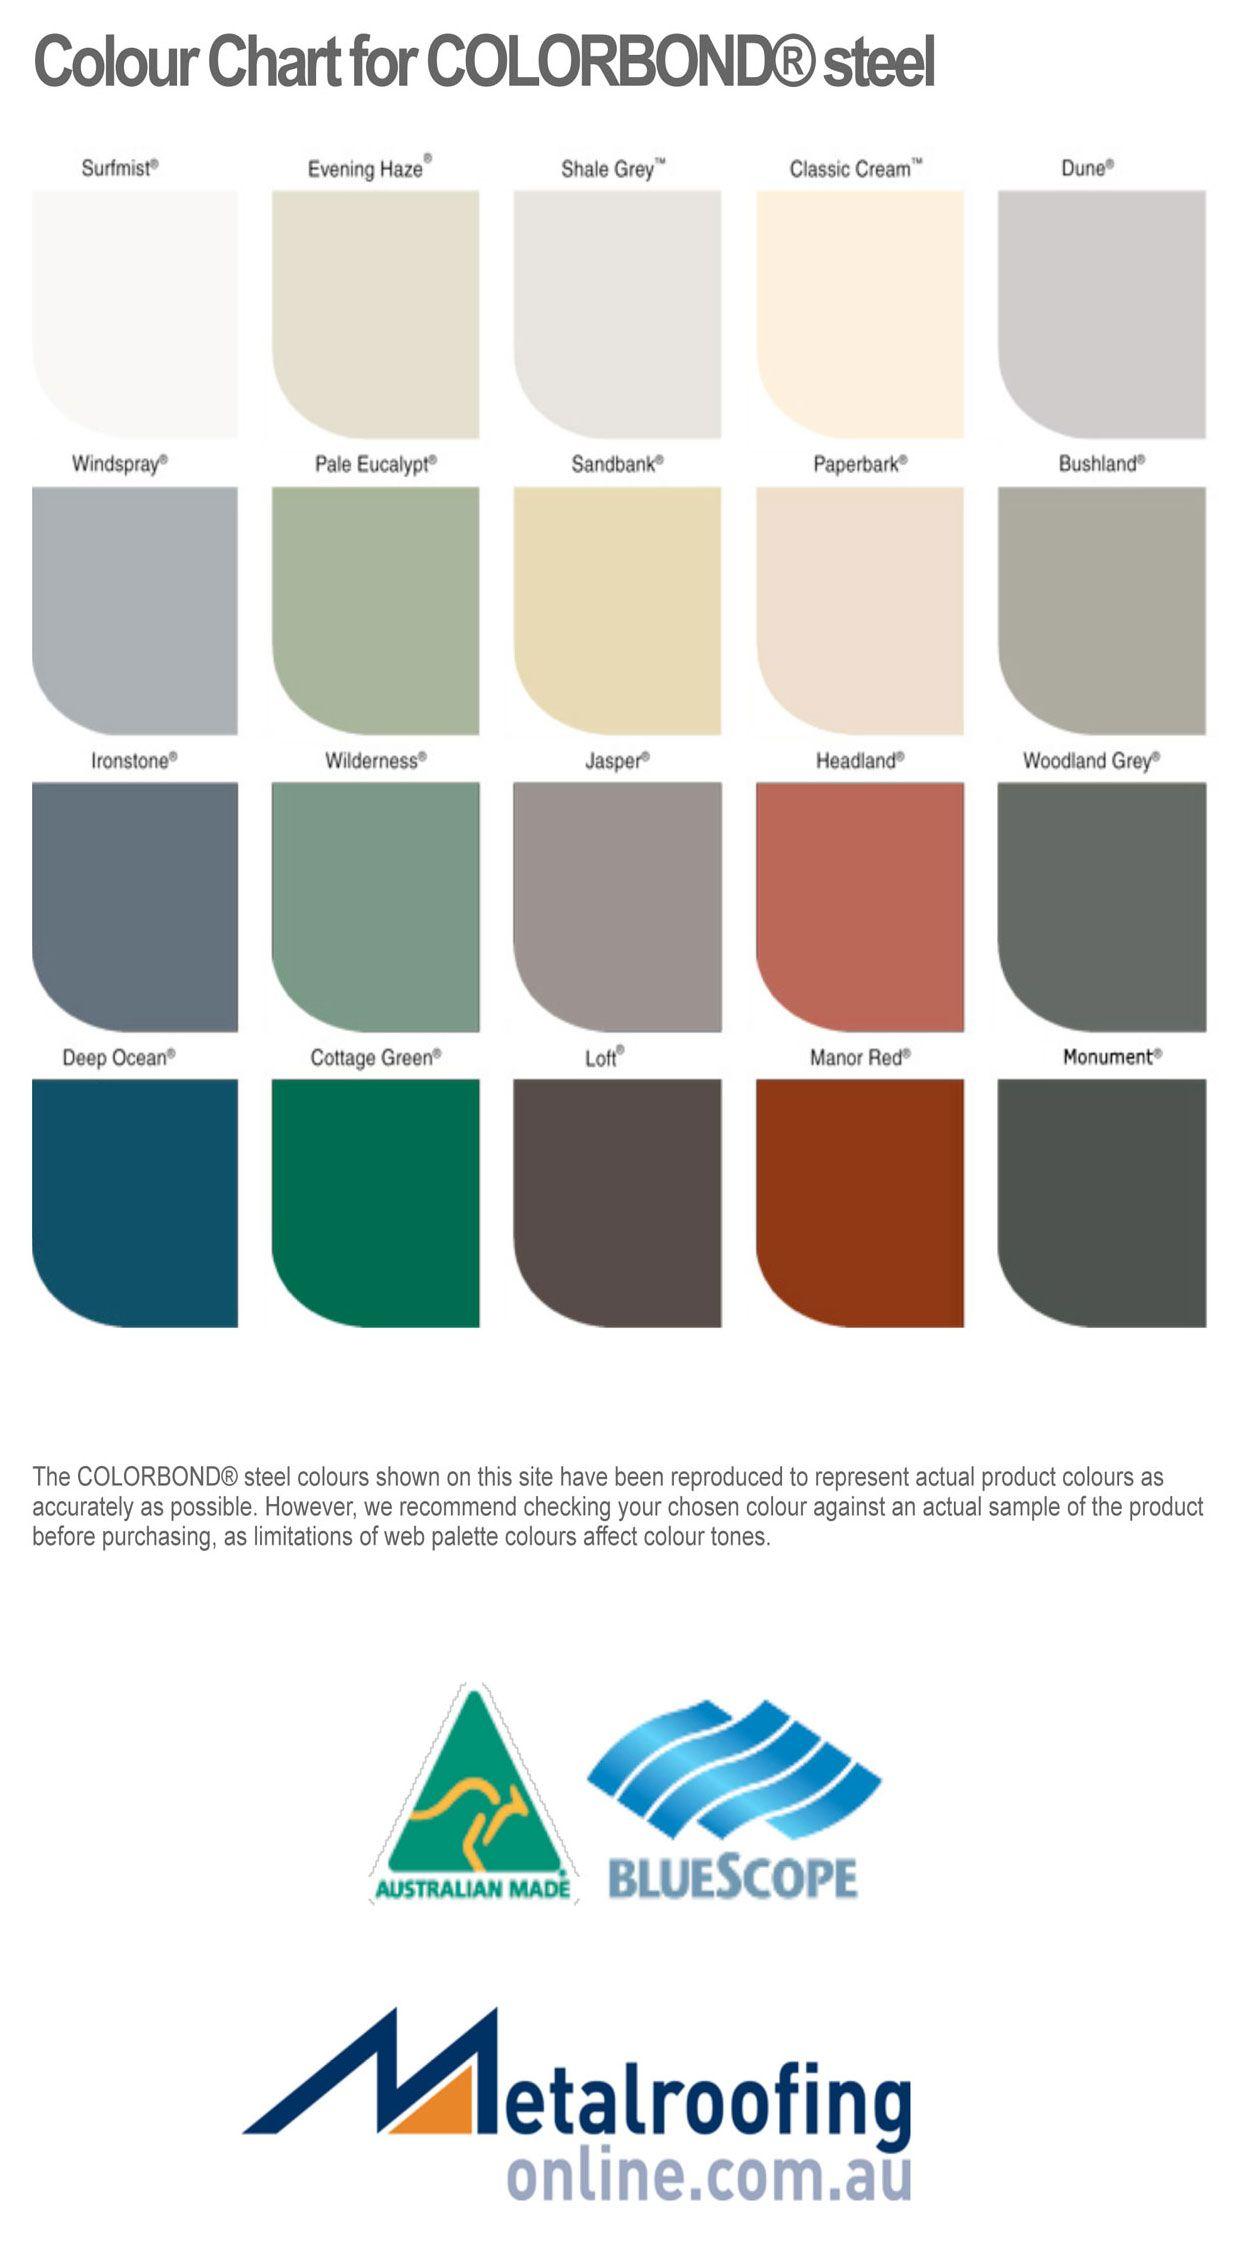 Colorbond Colours Metal Roofing Online Colours Shale Grey Color Show